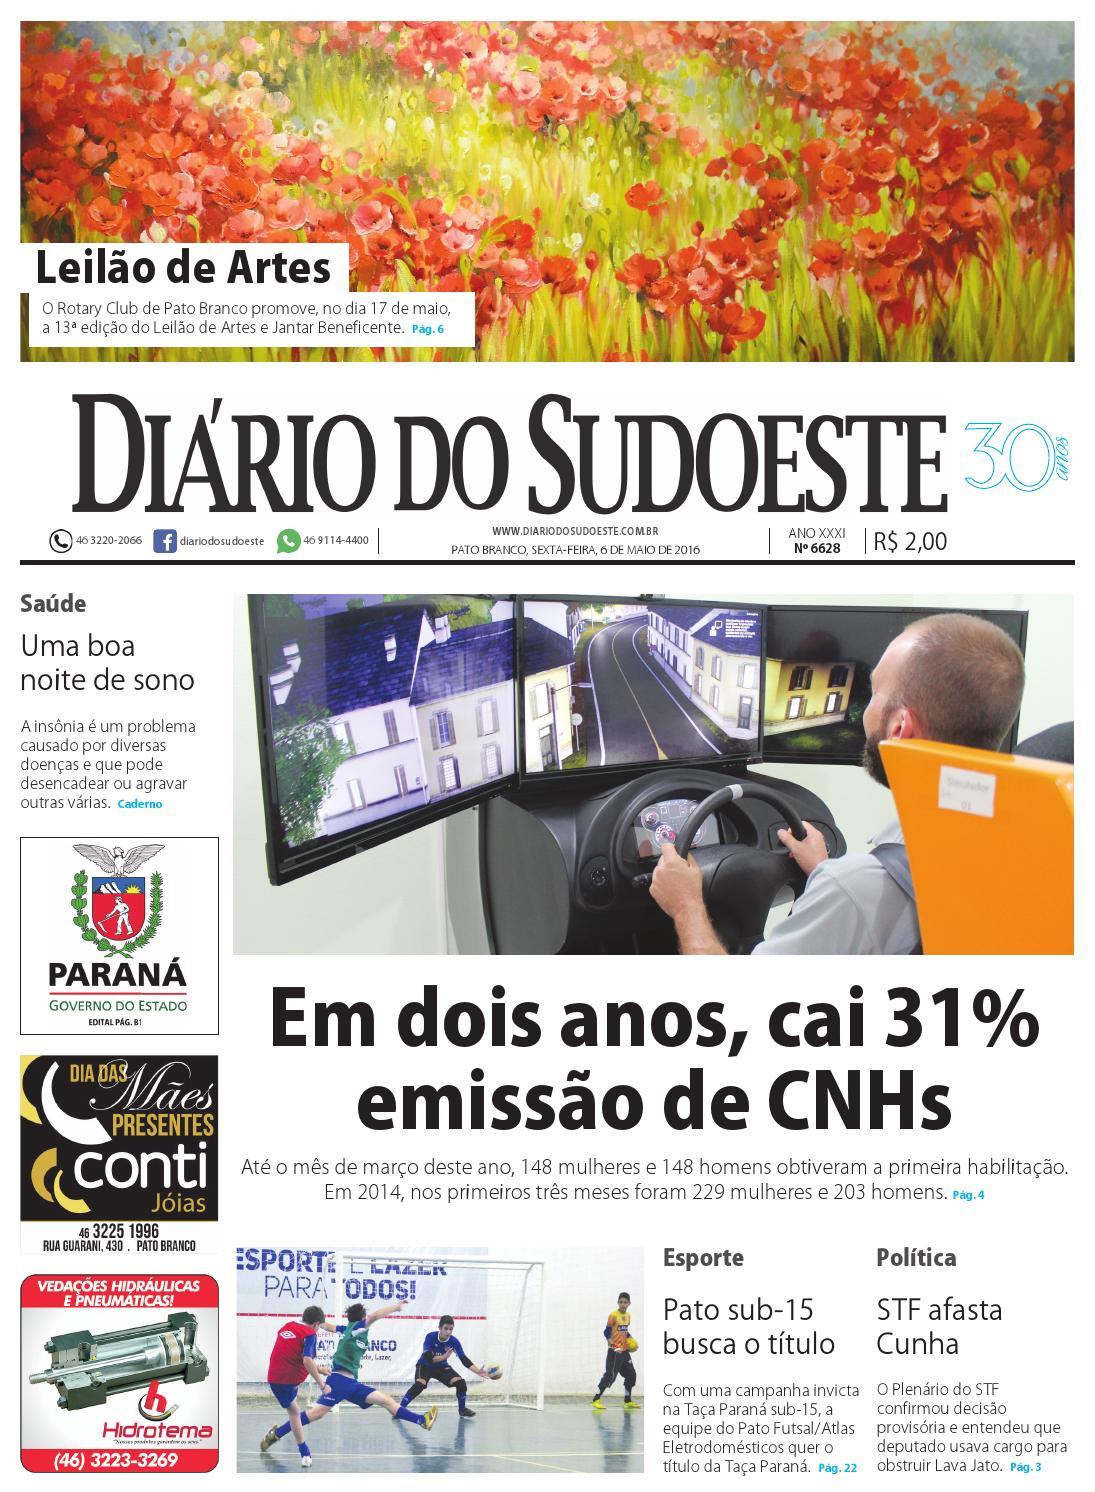 Diário do sudoeste 06 de maio de 2016 ed 6628 by Diário do Sudoeste - issuu f078e1983adad